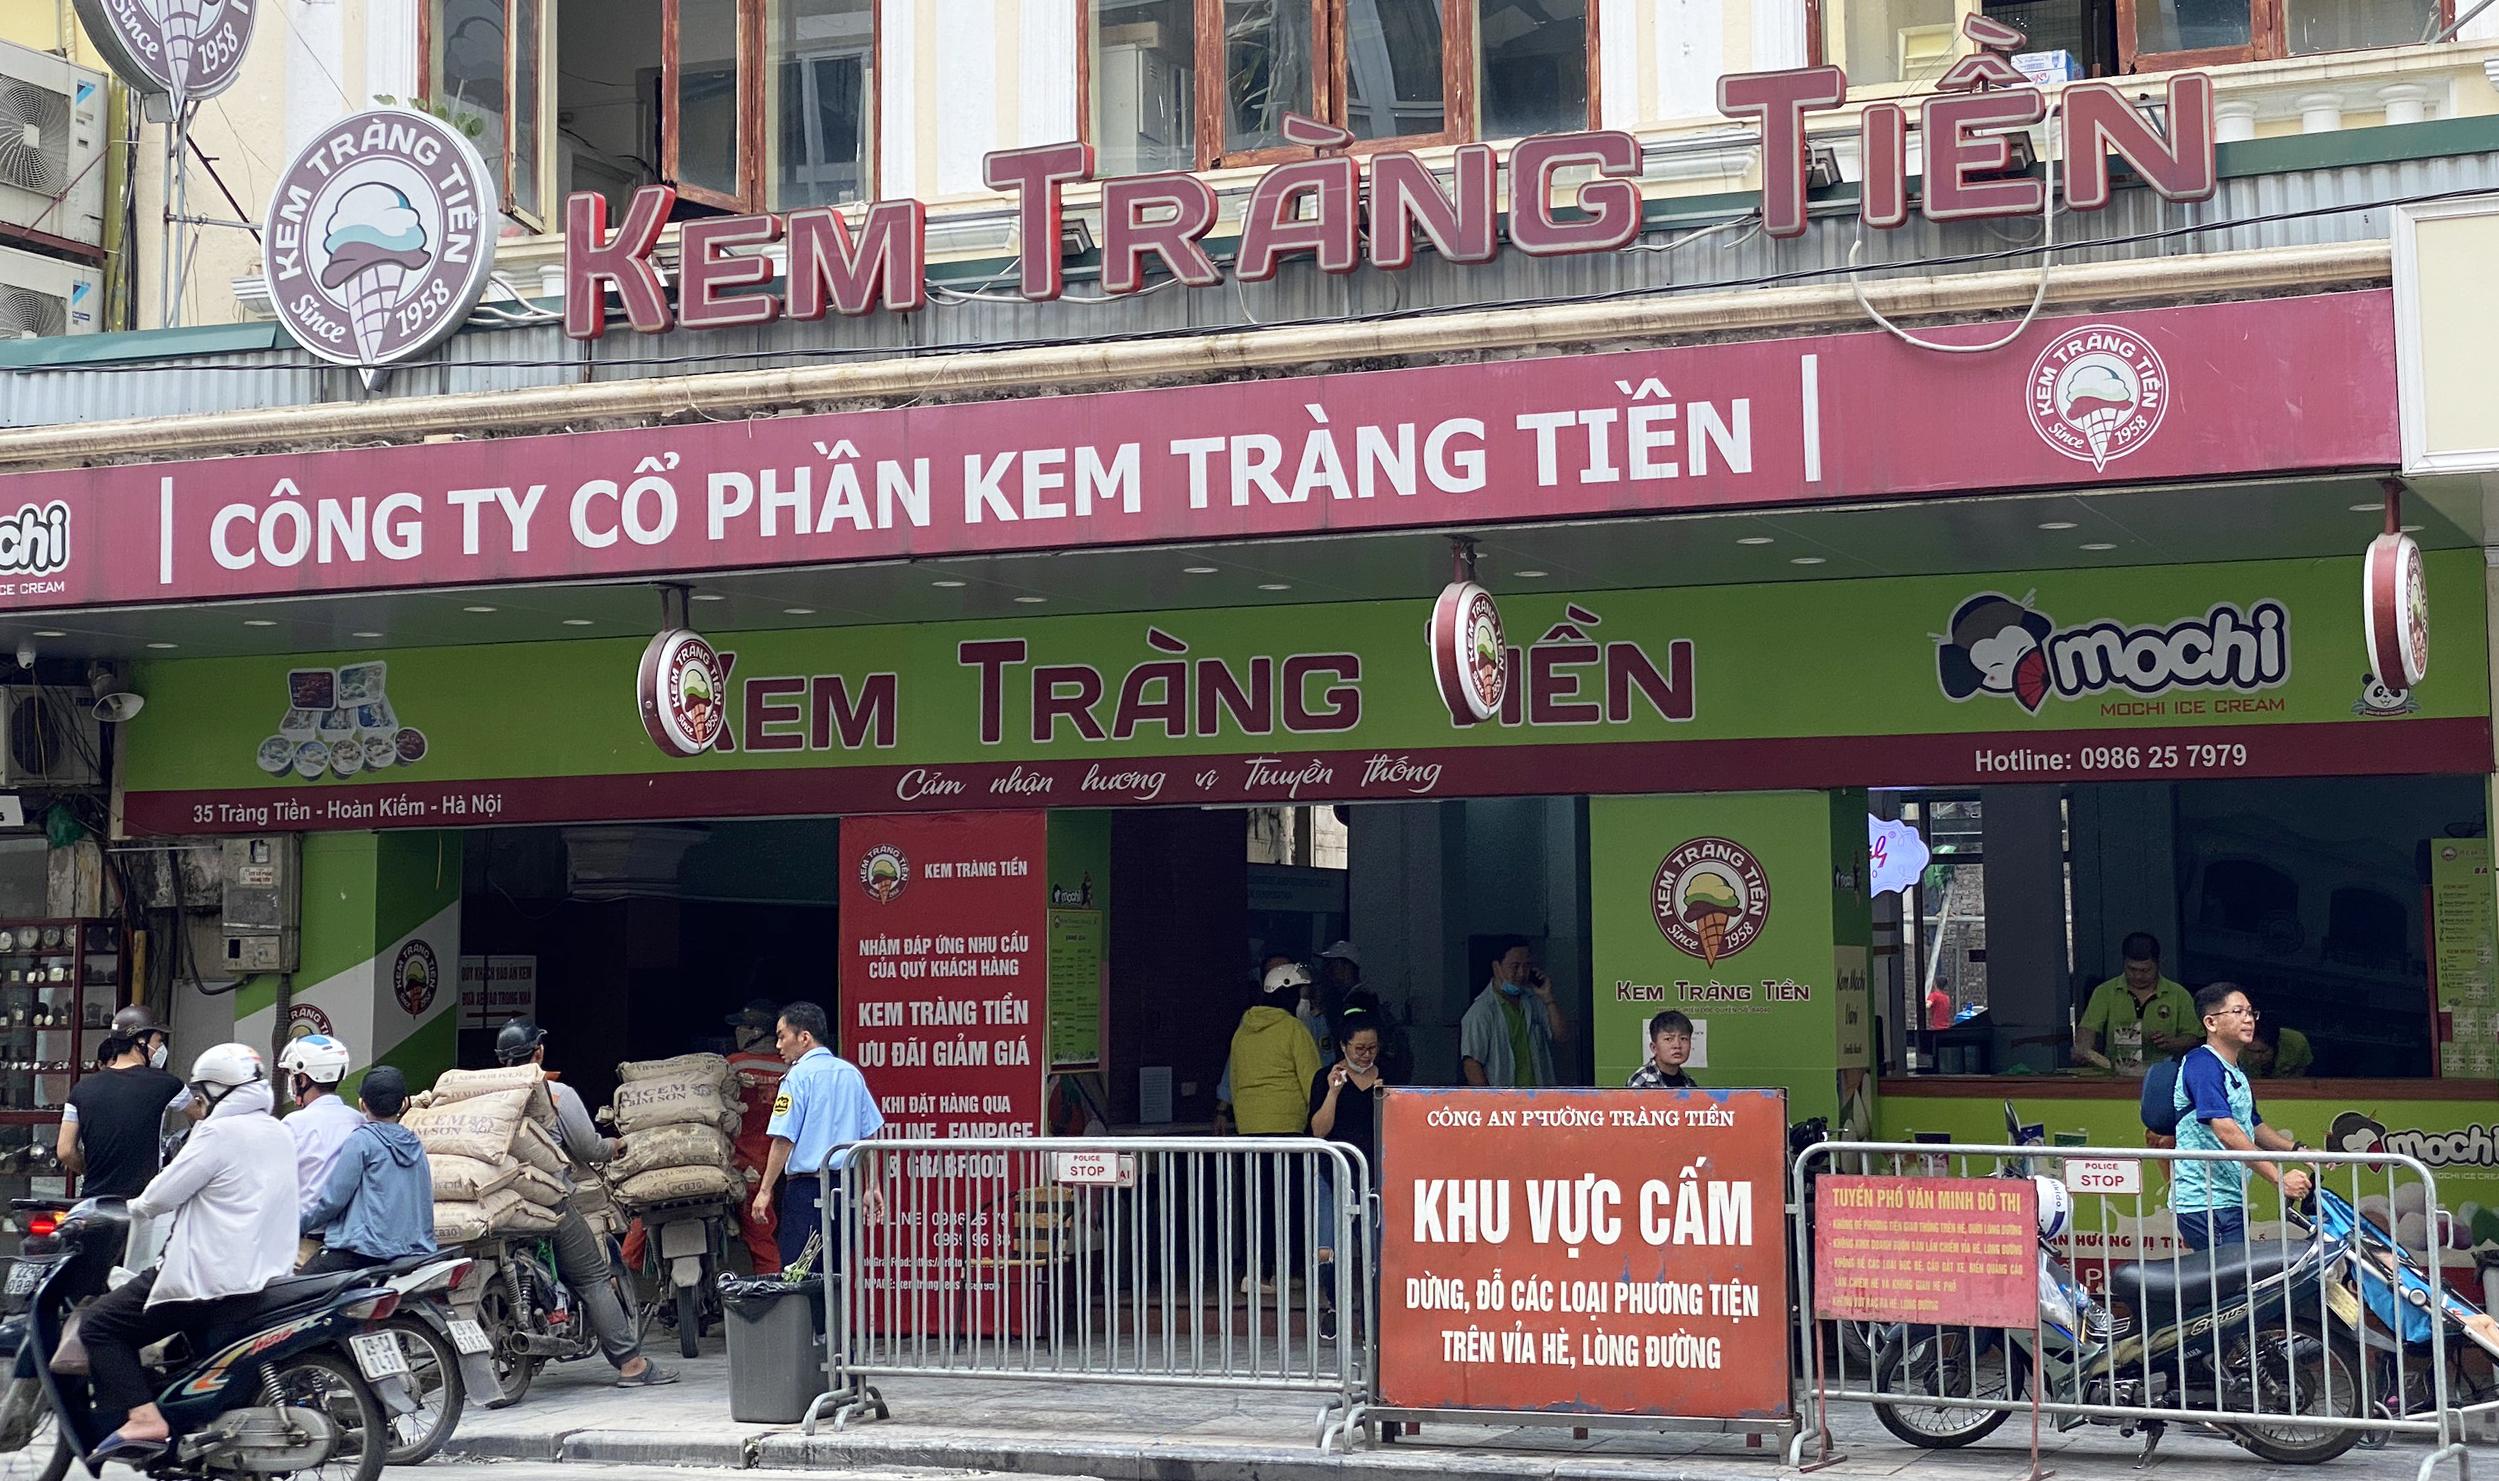 Ngày đầu hè, người dân tranh thủ ghé các tiệm kem nức tiếng của Hà Nội để tránh nóng, hạ nhiệt - Ảnh 4.